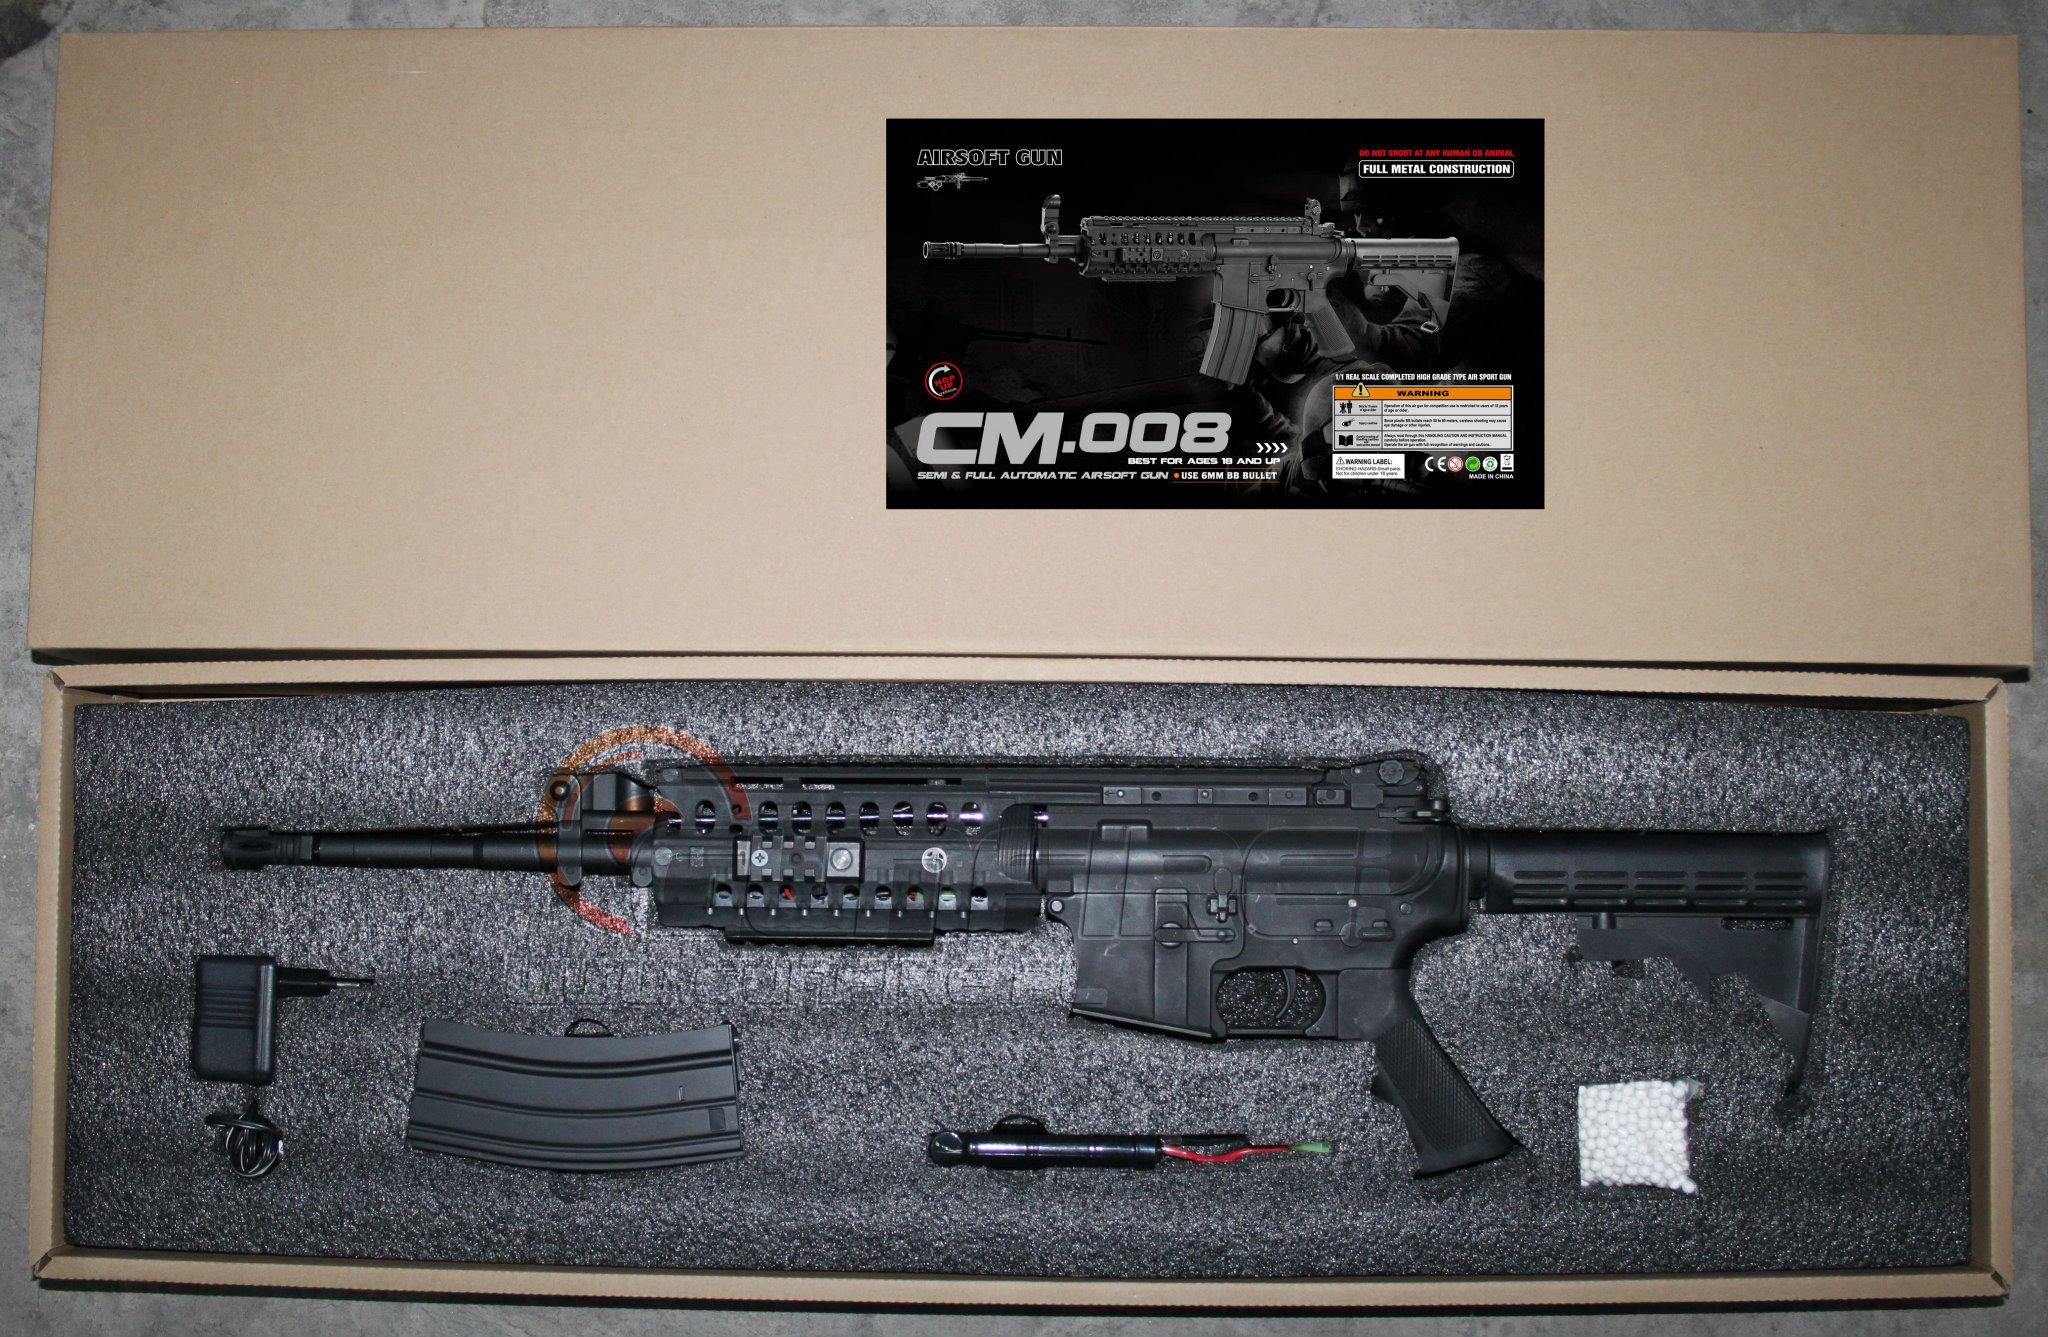 Cyma anuncia que fabricará M4 - M16 CM-008